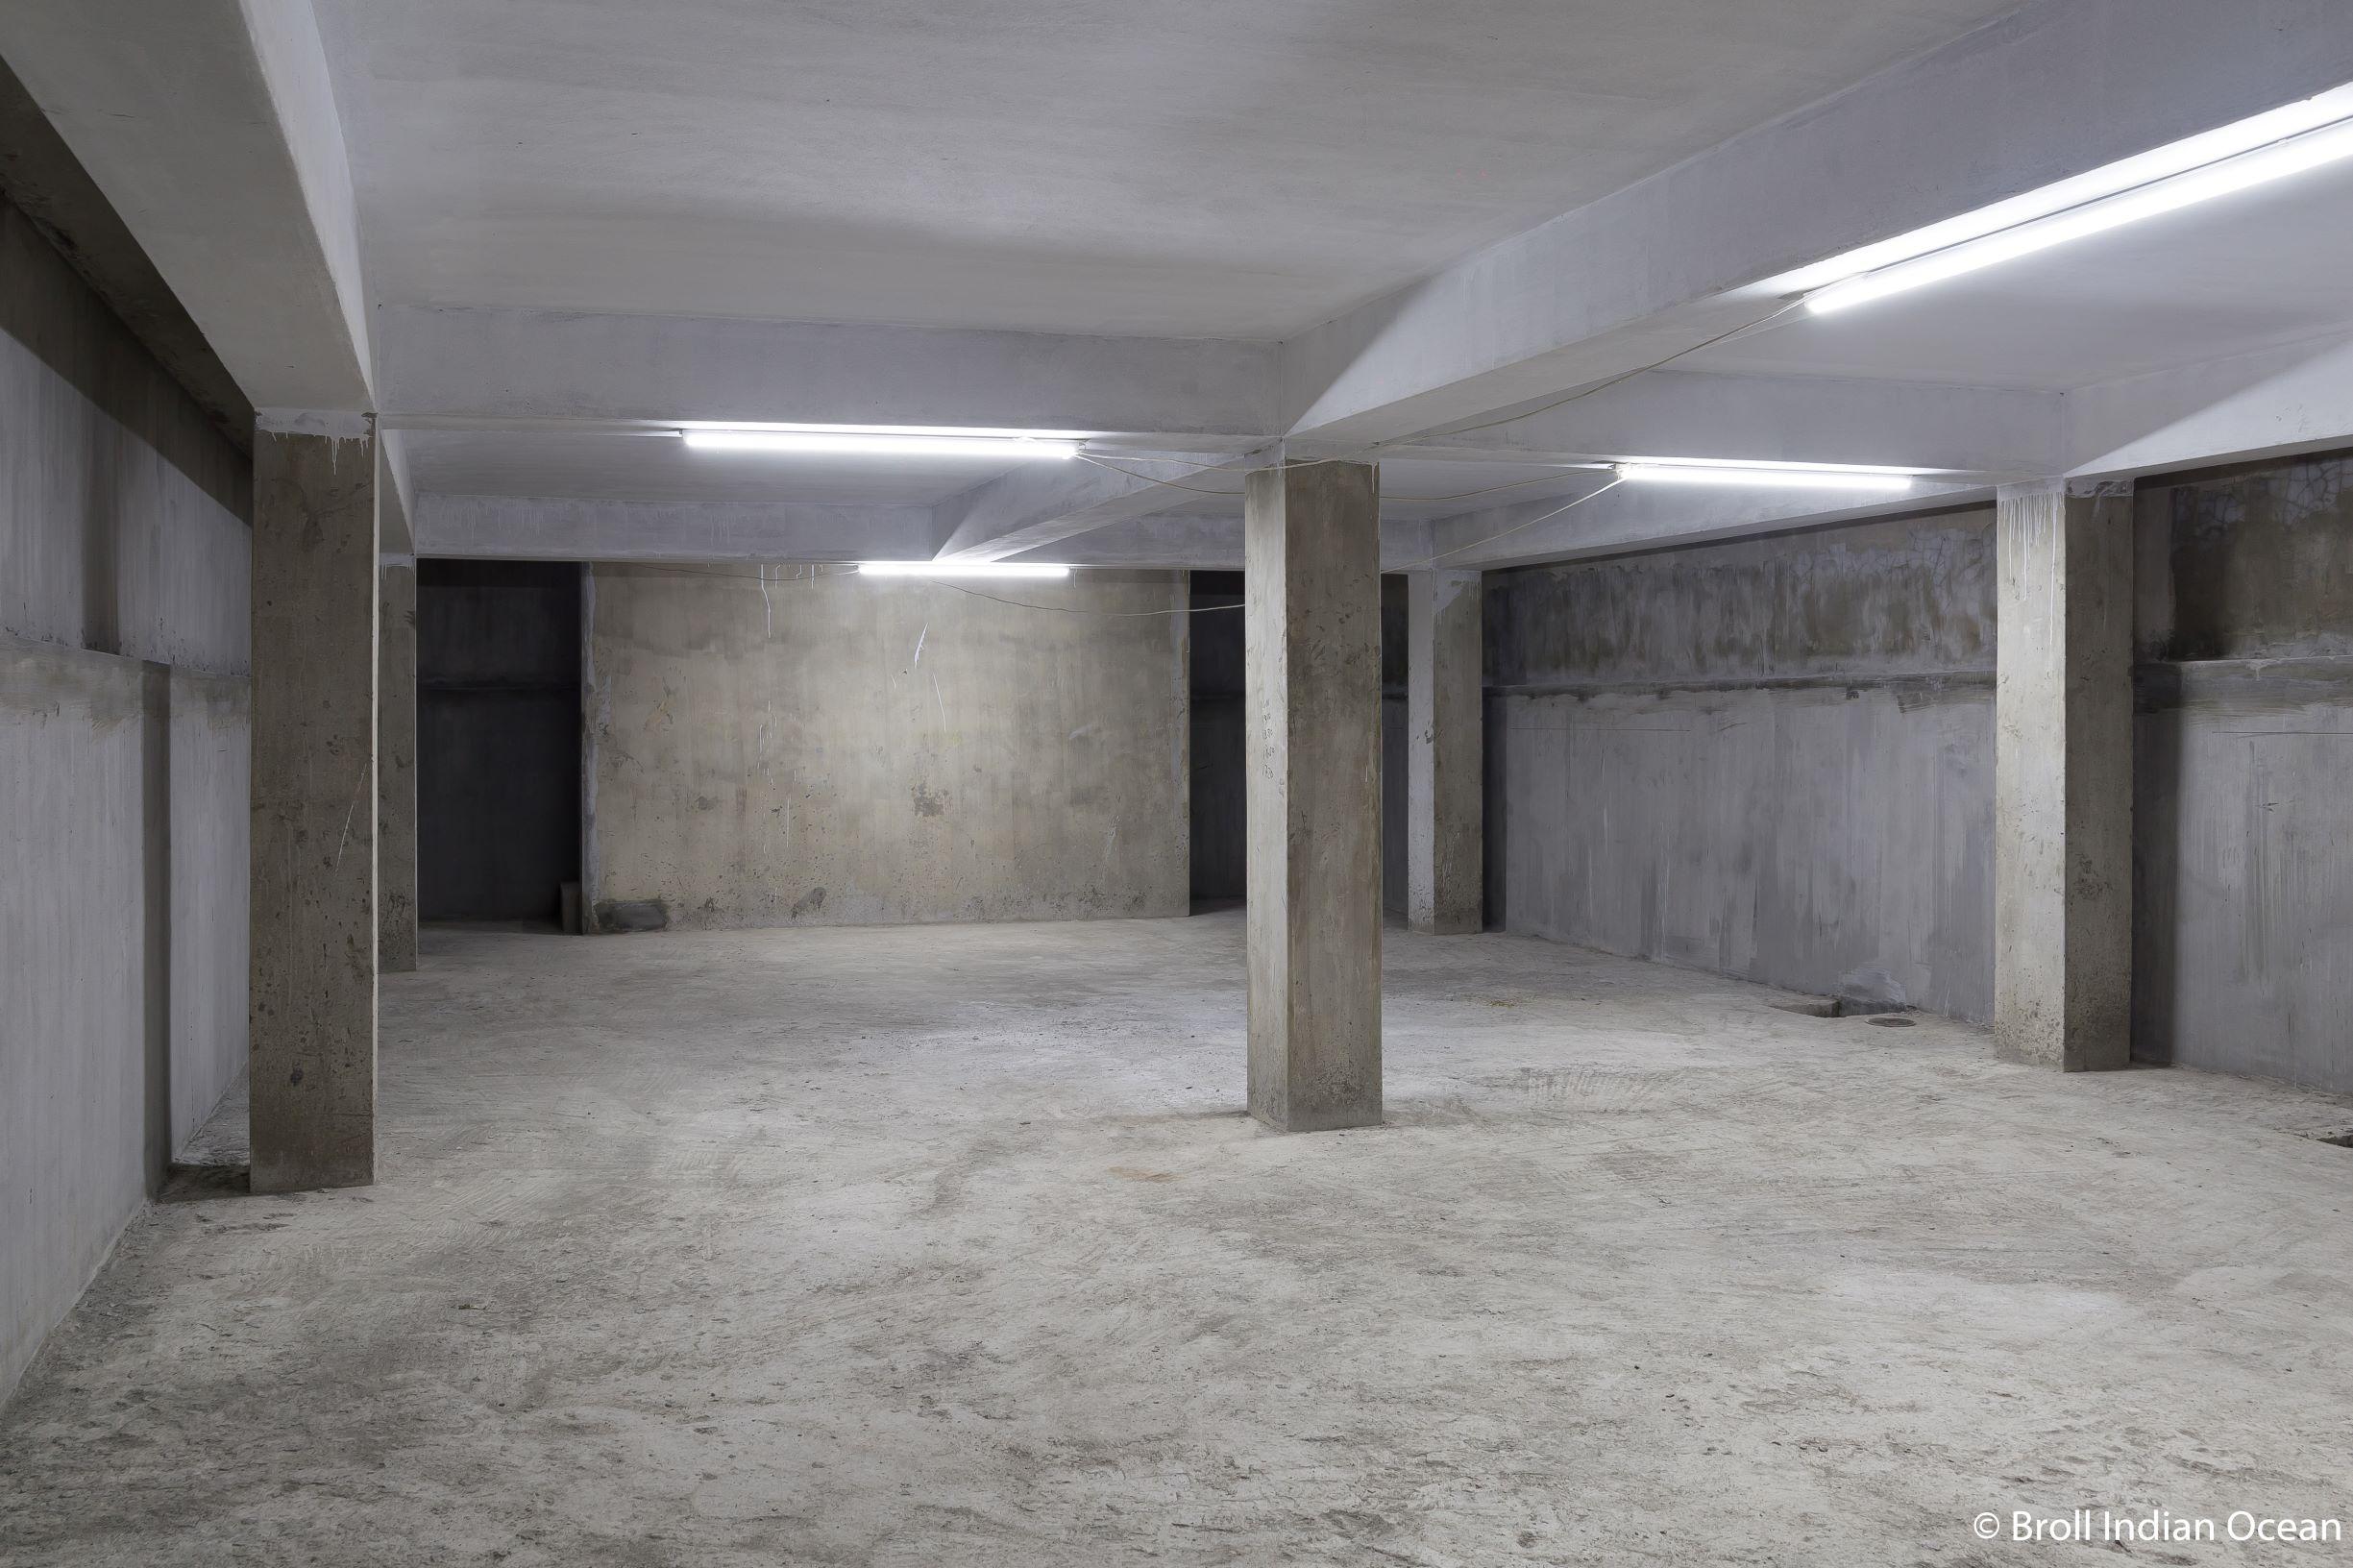 Commercial Space for Rent at La Chaussée, Port Louis